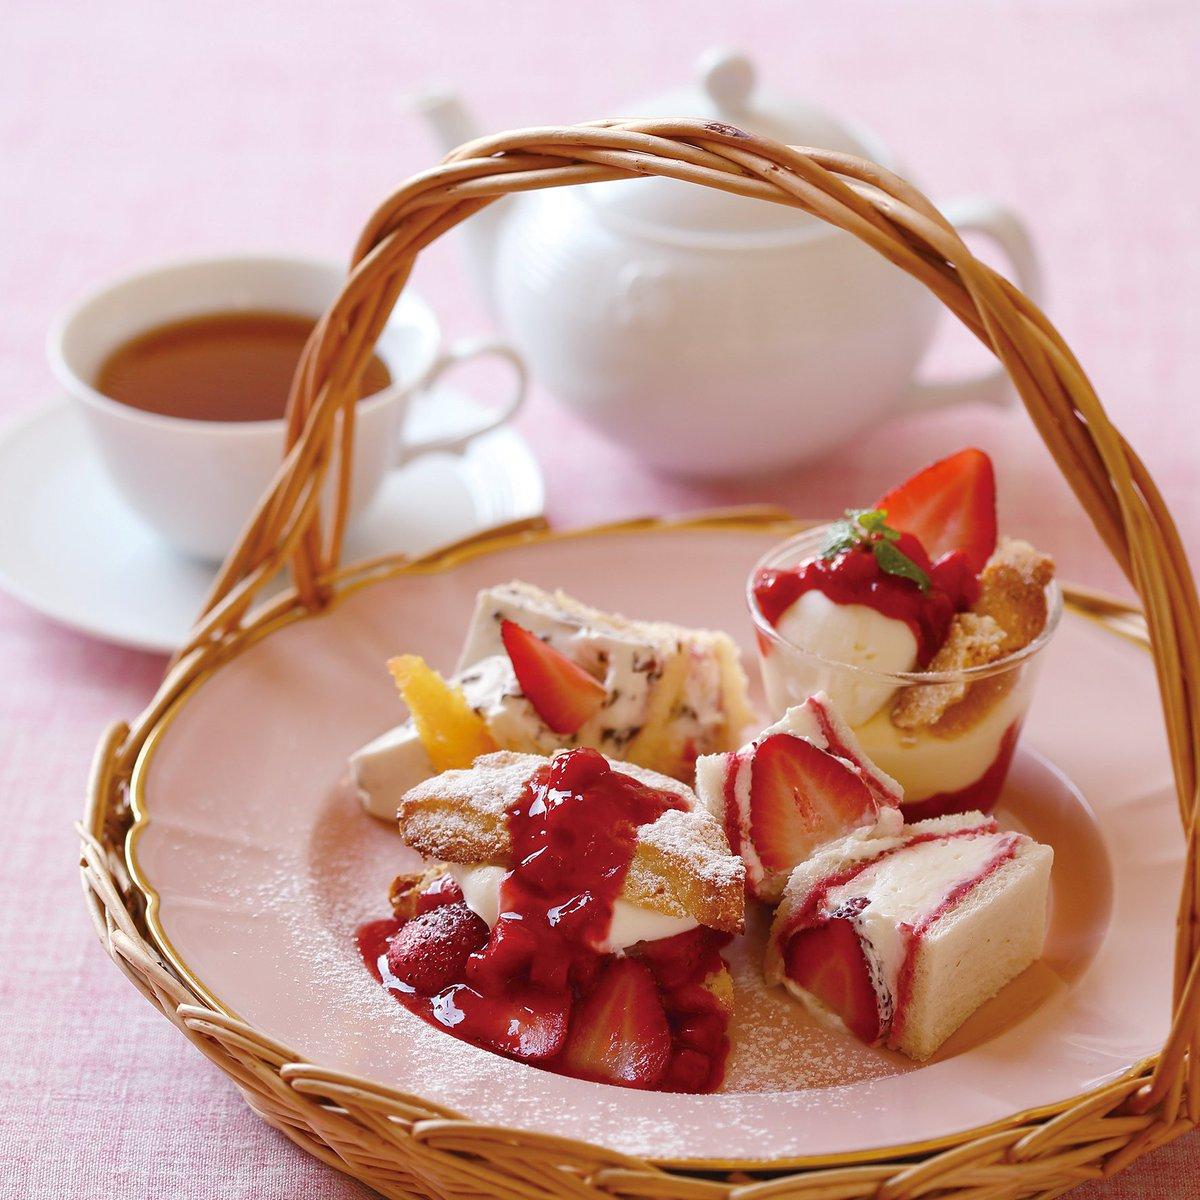 今日から2/8までの期間限定で「#苺のアフタヌーンティーセット(14:00~)」がスタート♪苺づくしのティータイムをどうぞ。 https://t.co/jmlNnKCyRY